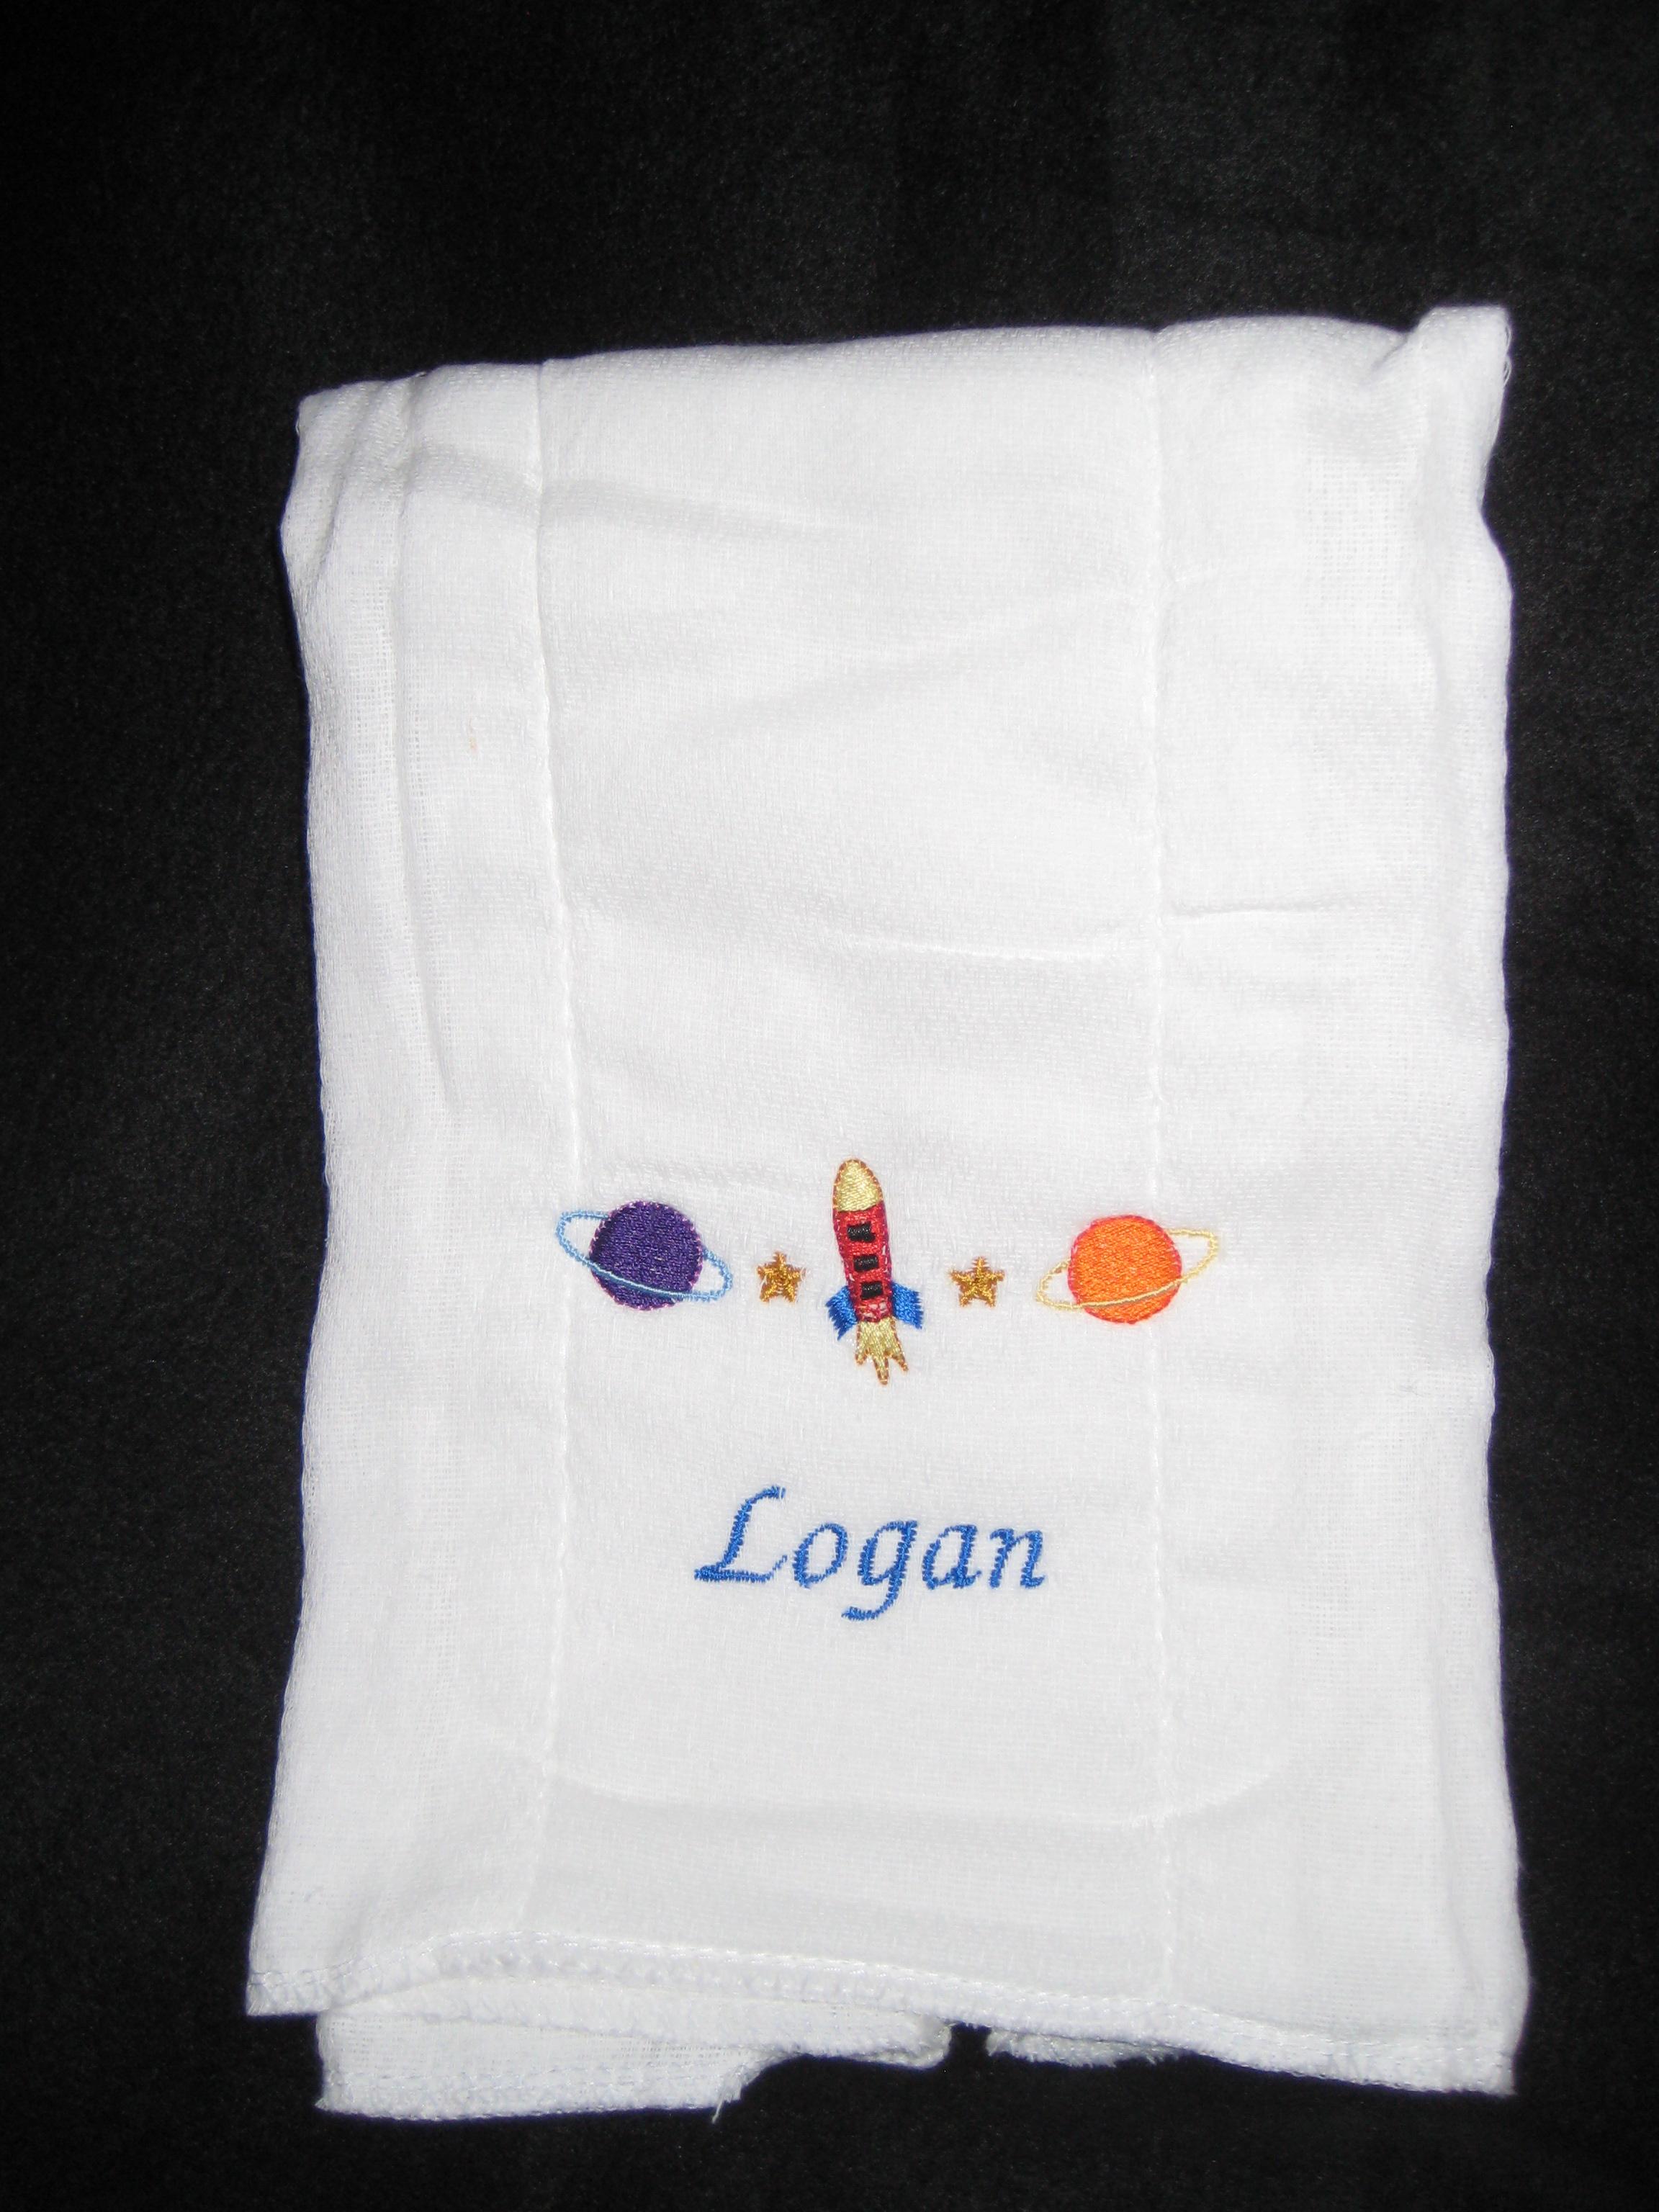 Logan bc.JPG